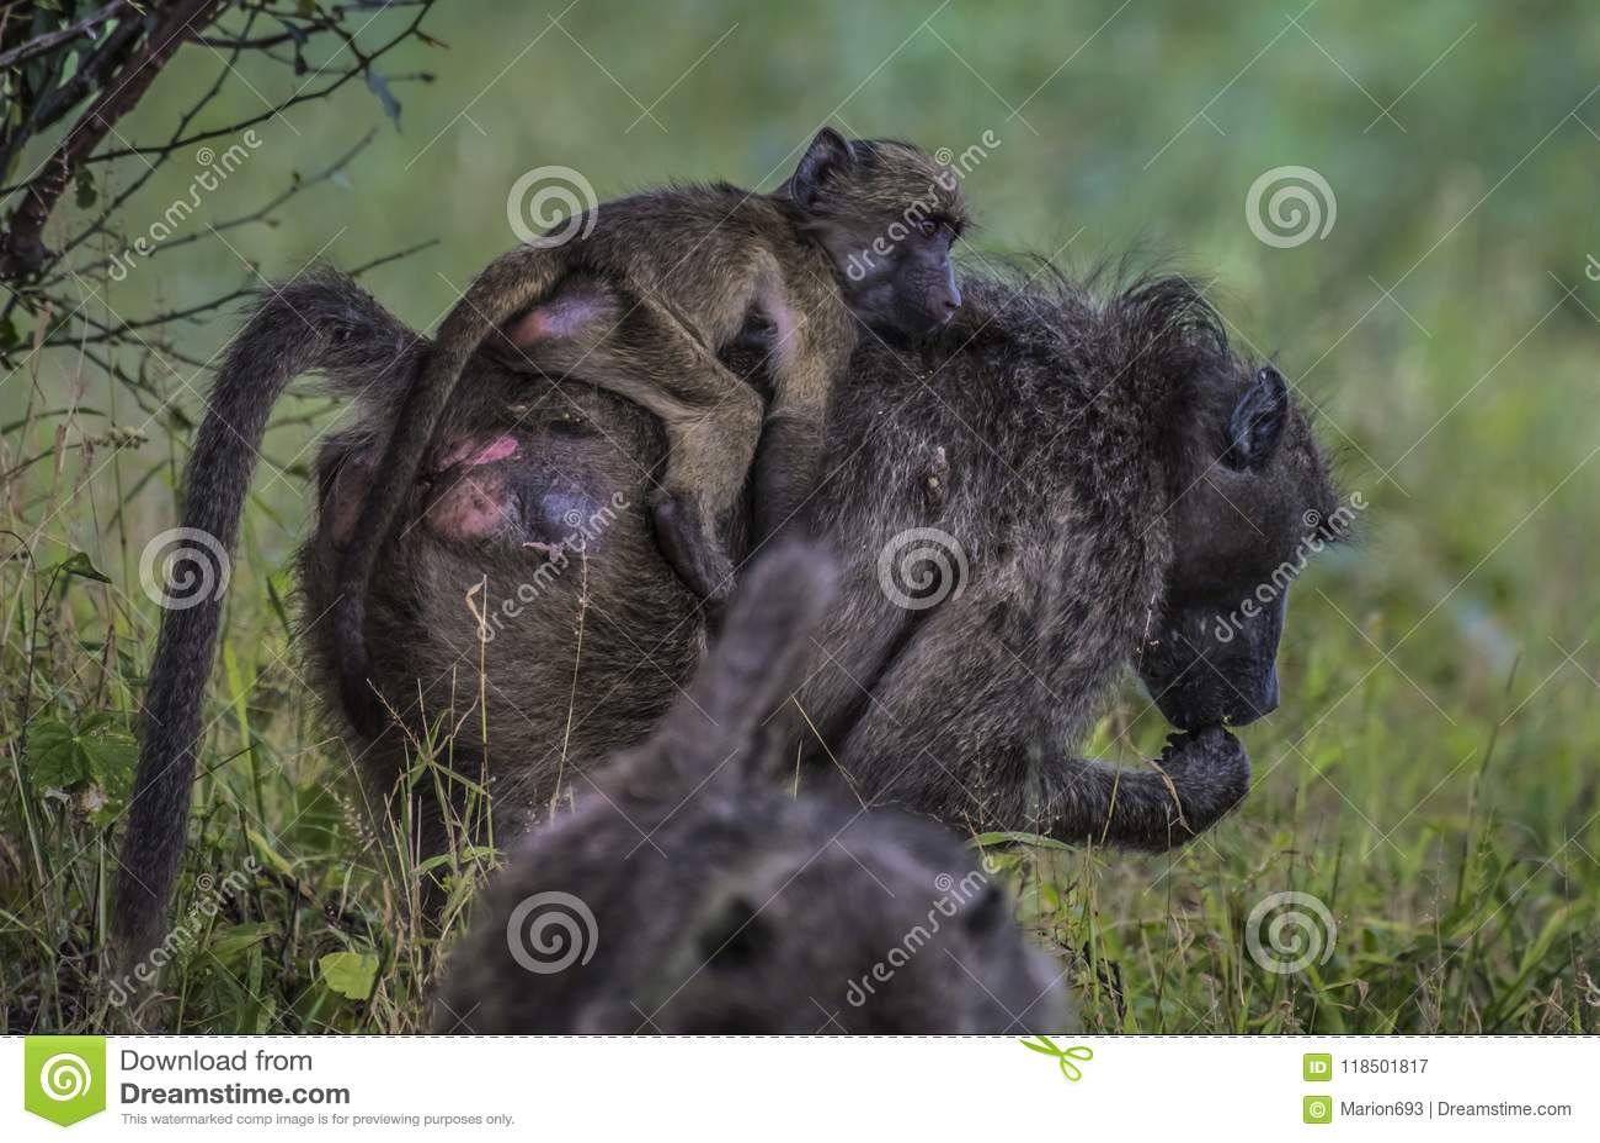 Babouin, désambiguisation, mangeant des graines de la terre